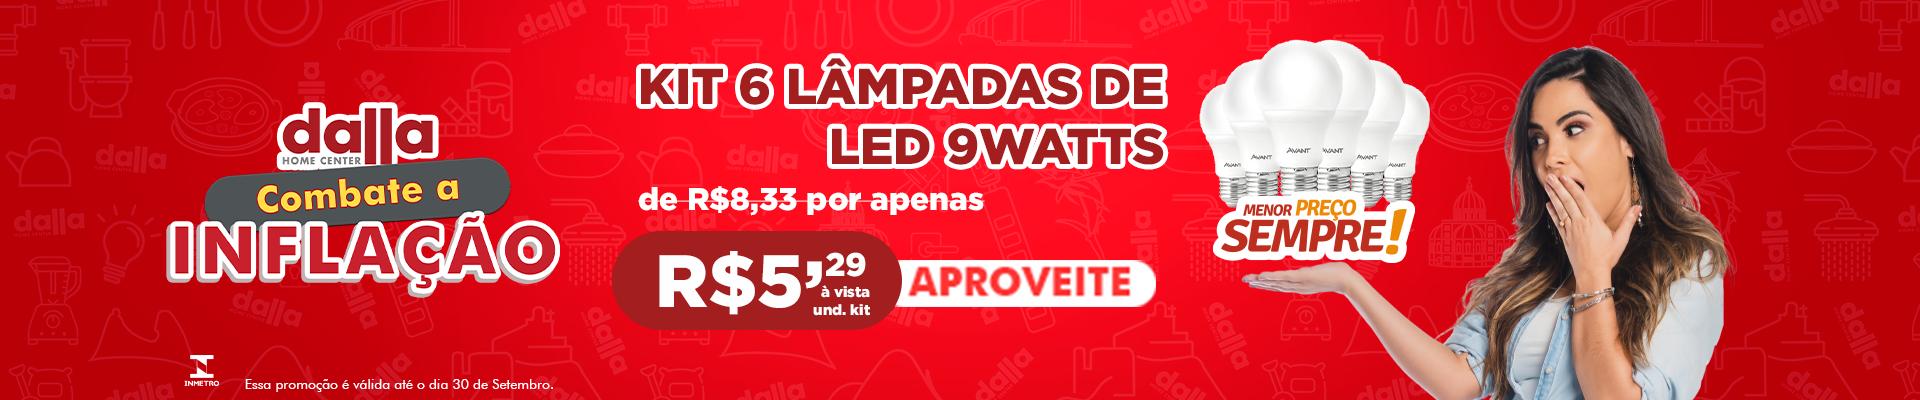 Kit 6 Lampadas